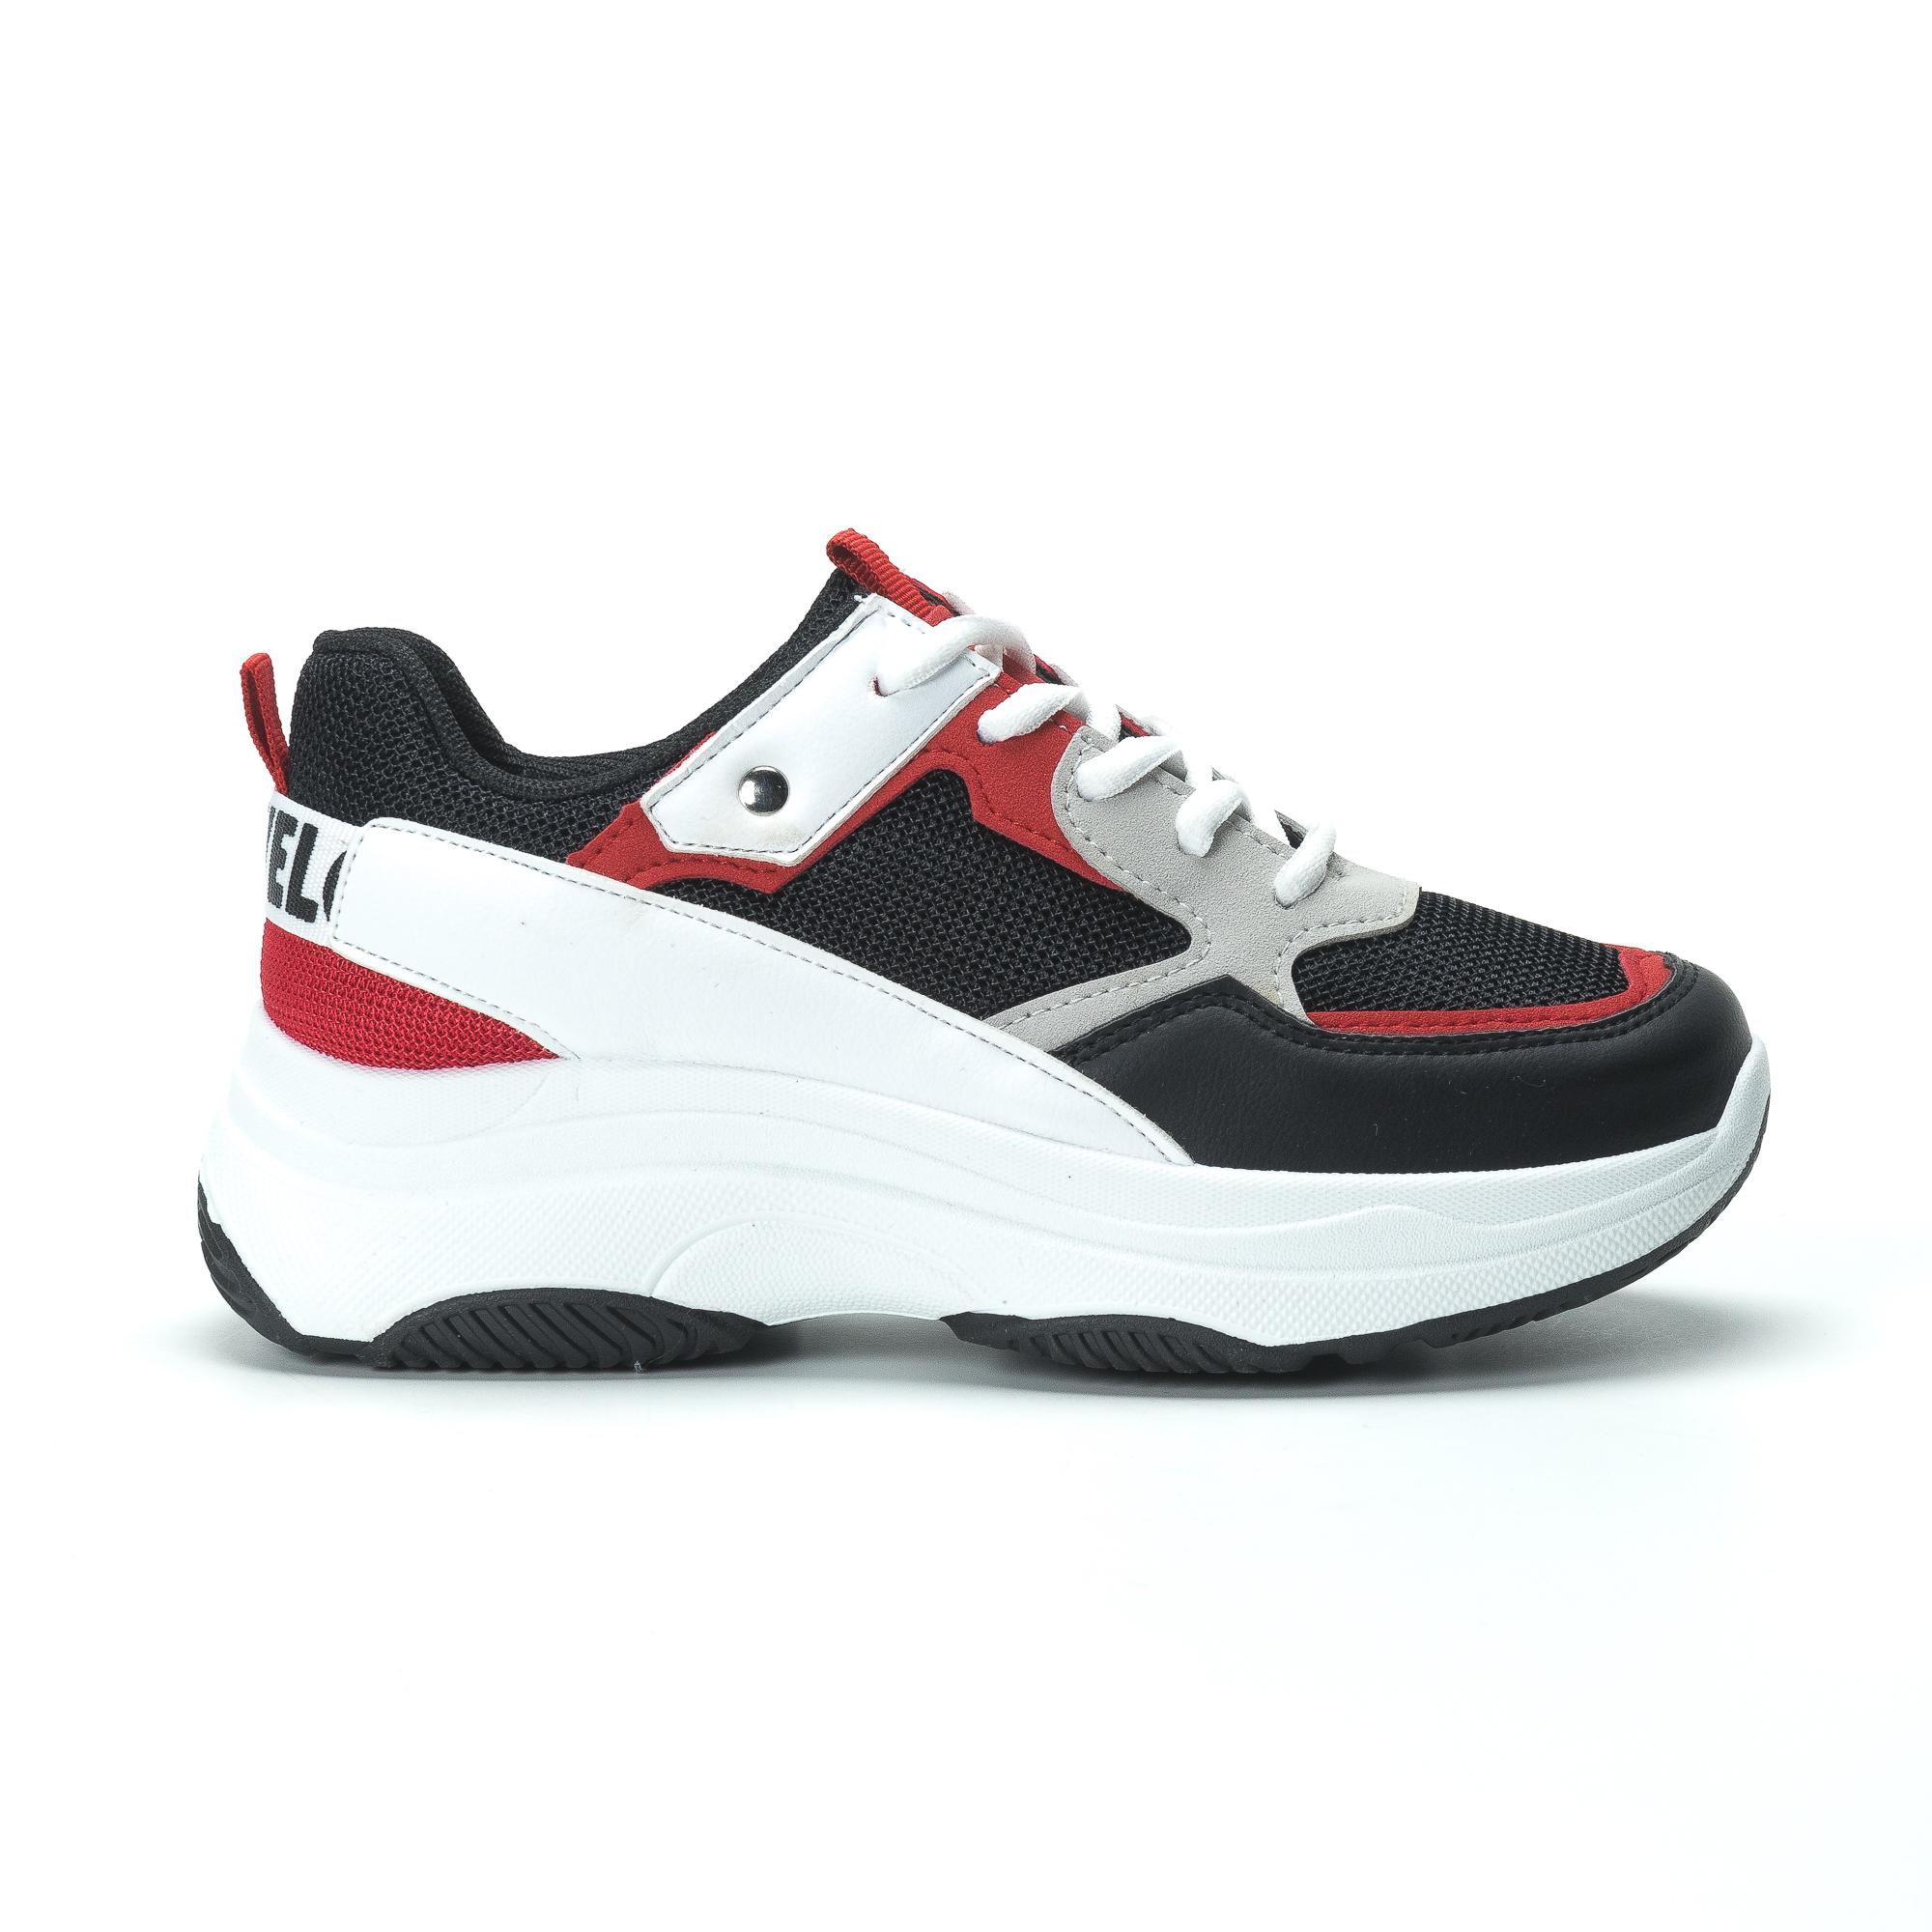 Γυναικεία sneakers από συνδυασμό χρωμάτων με πλατφόρμα a4532c49176